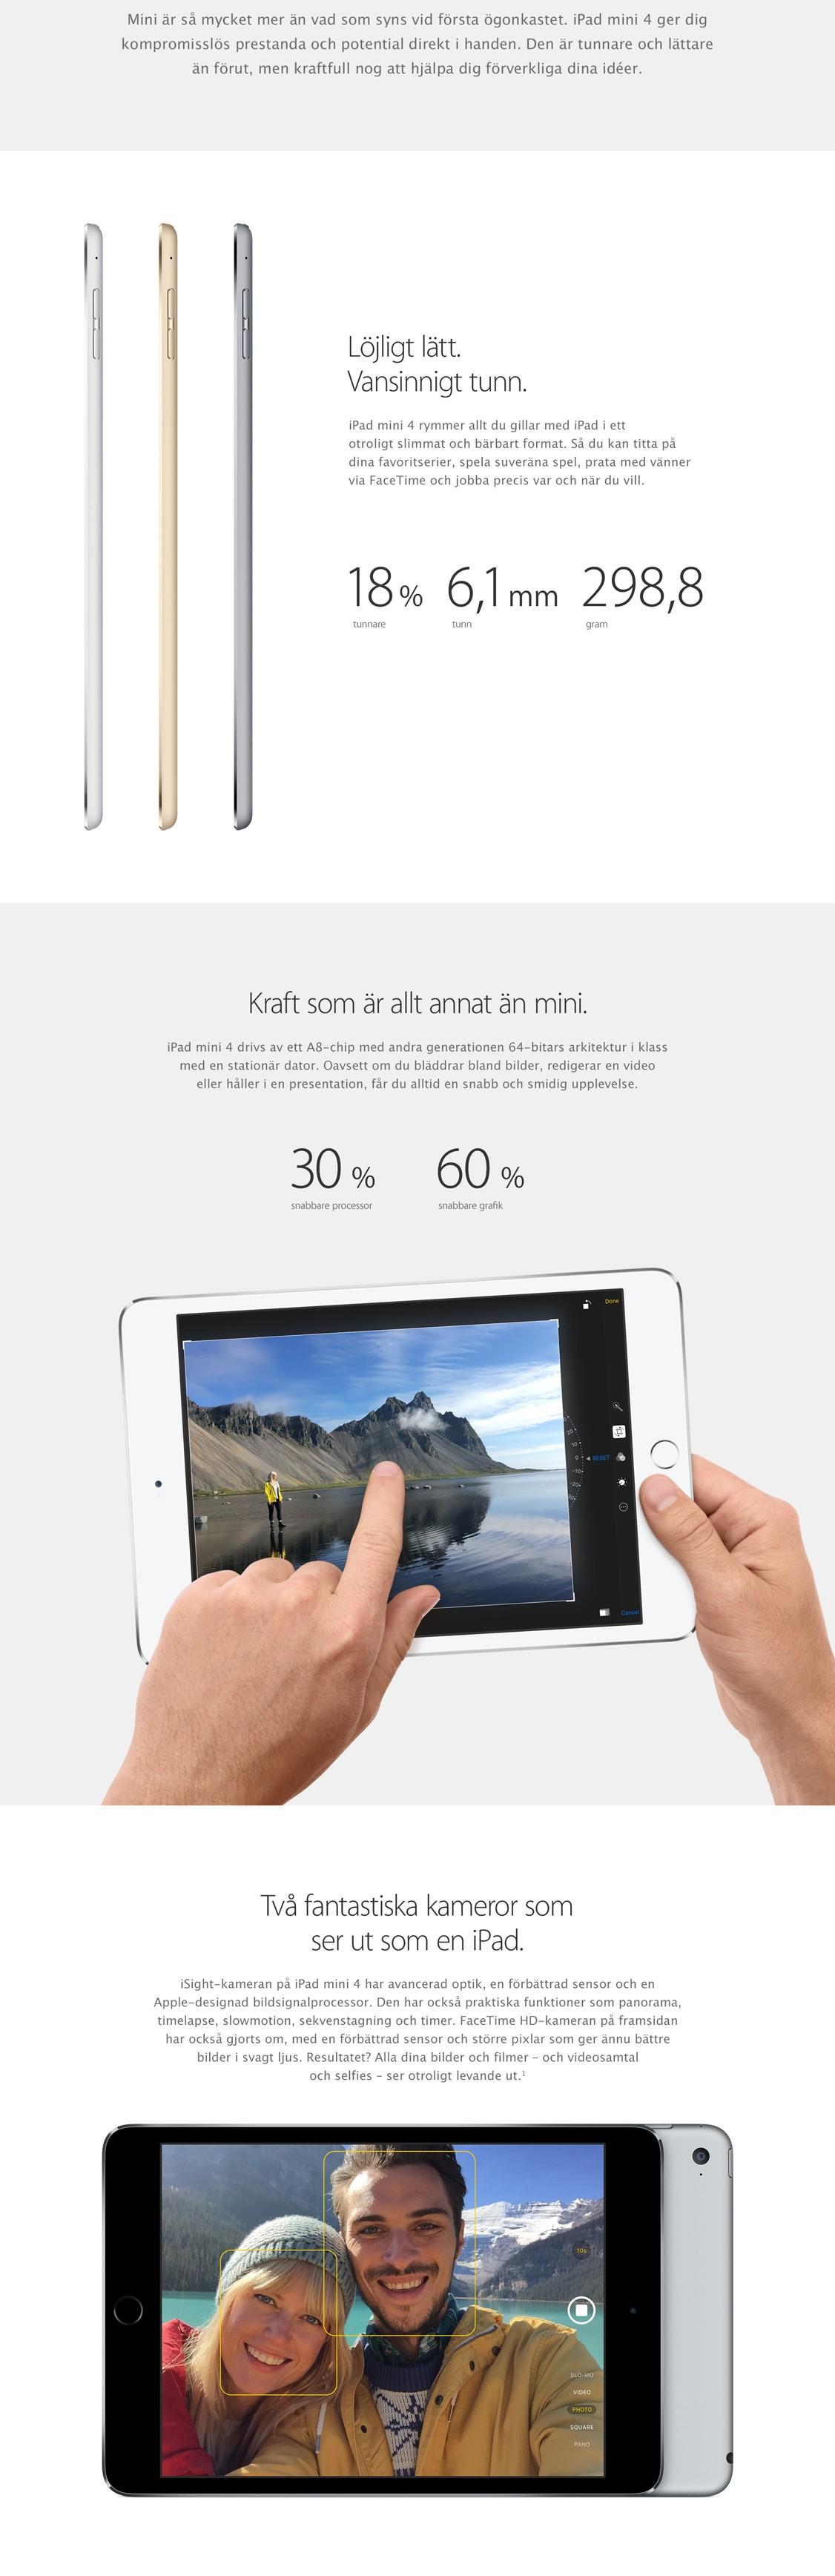 iPad mini 4 är kraftfull, tunn och lätt att ta med sig